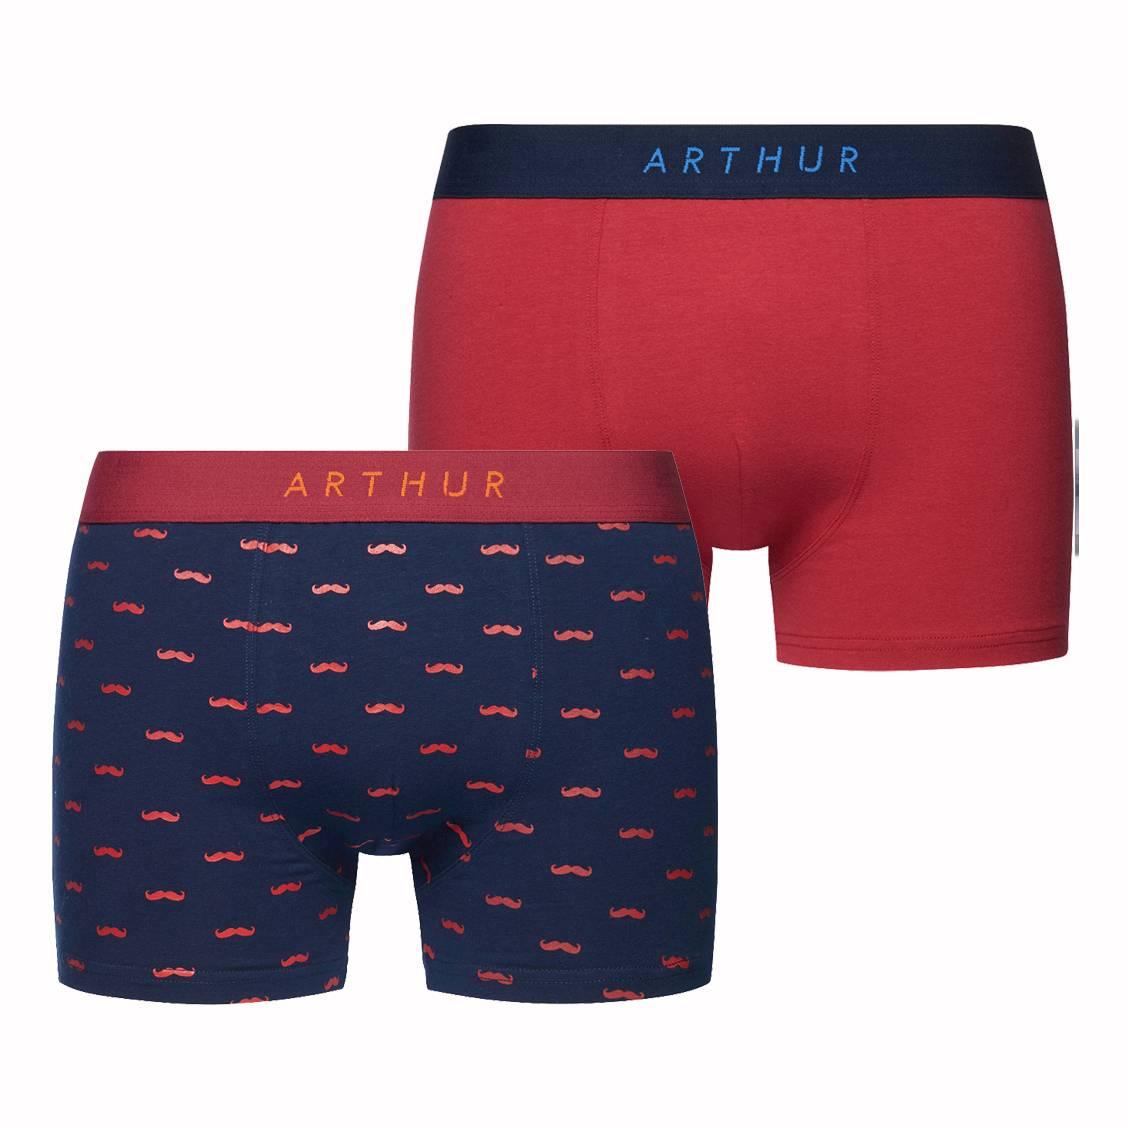 Lot de 2 boxers Arthur Dandy en coton stretch bleu marine à imprimé moustache et rouge